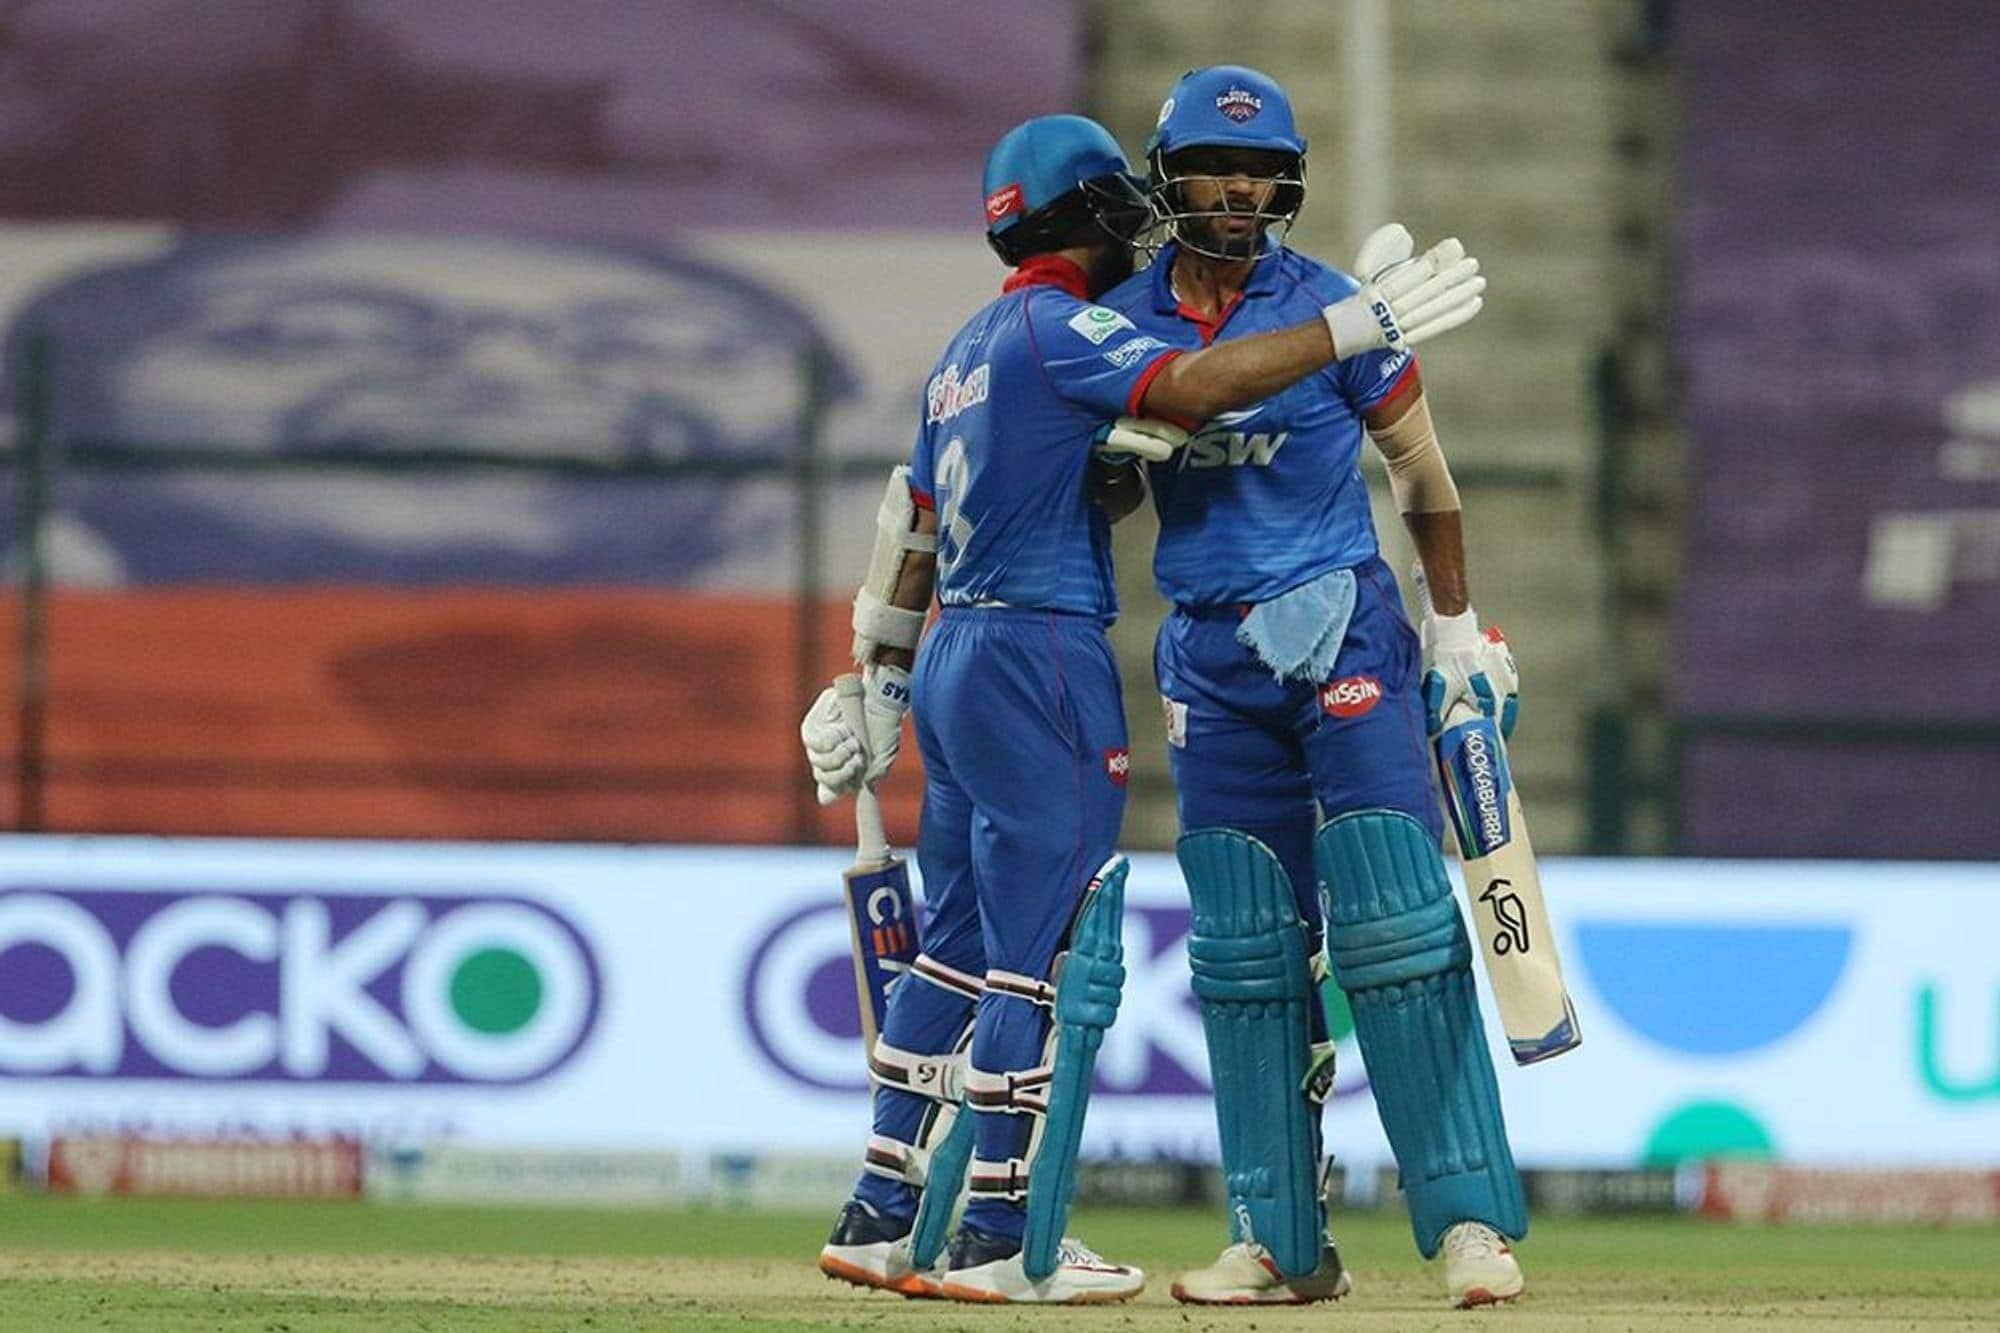 தொடர்ந்து 4 போட்டிகள் தோல்வியடைந்த டெல்லி ஆர்.சி.பி அணியை வீழ்த்தி ப்ளே ஆஃப் வாய்ப்பை உறுதி செய்து கொண்டது.